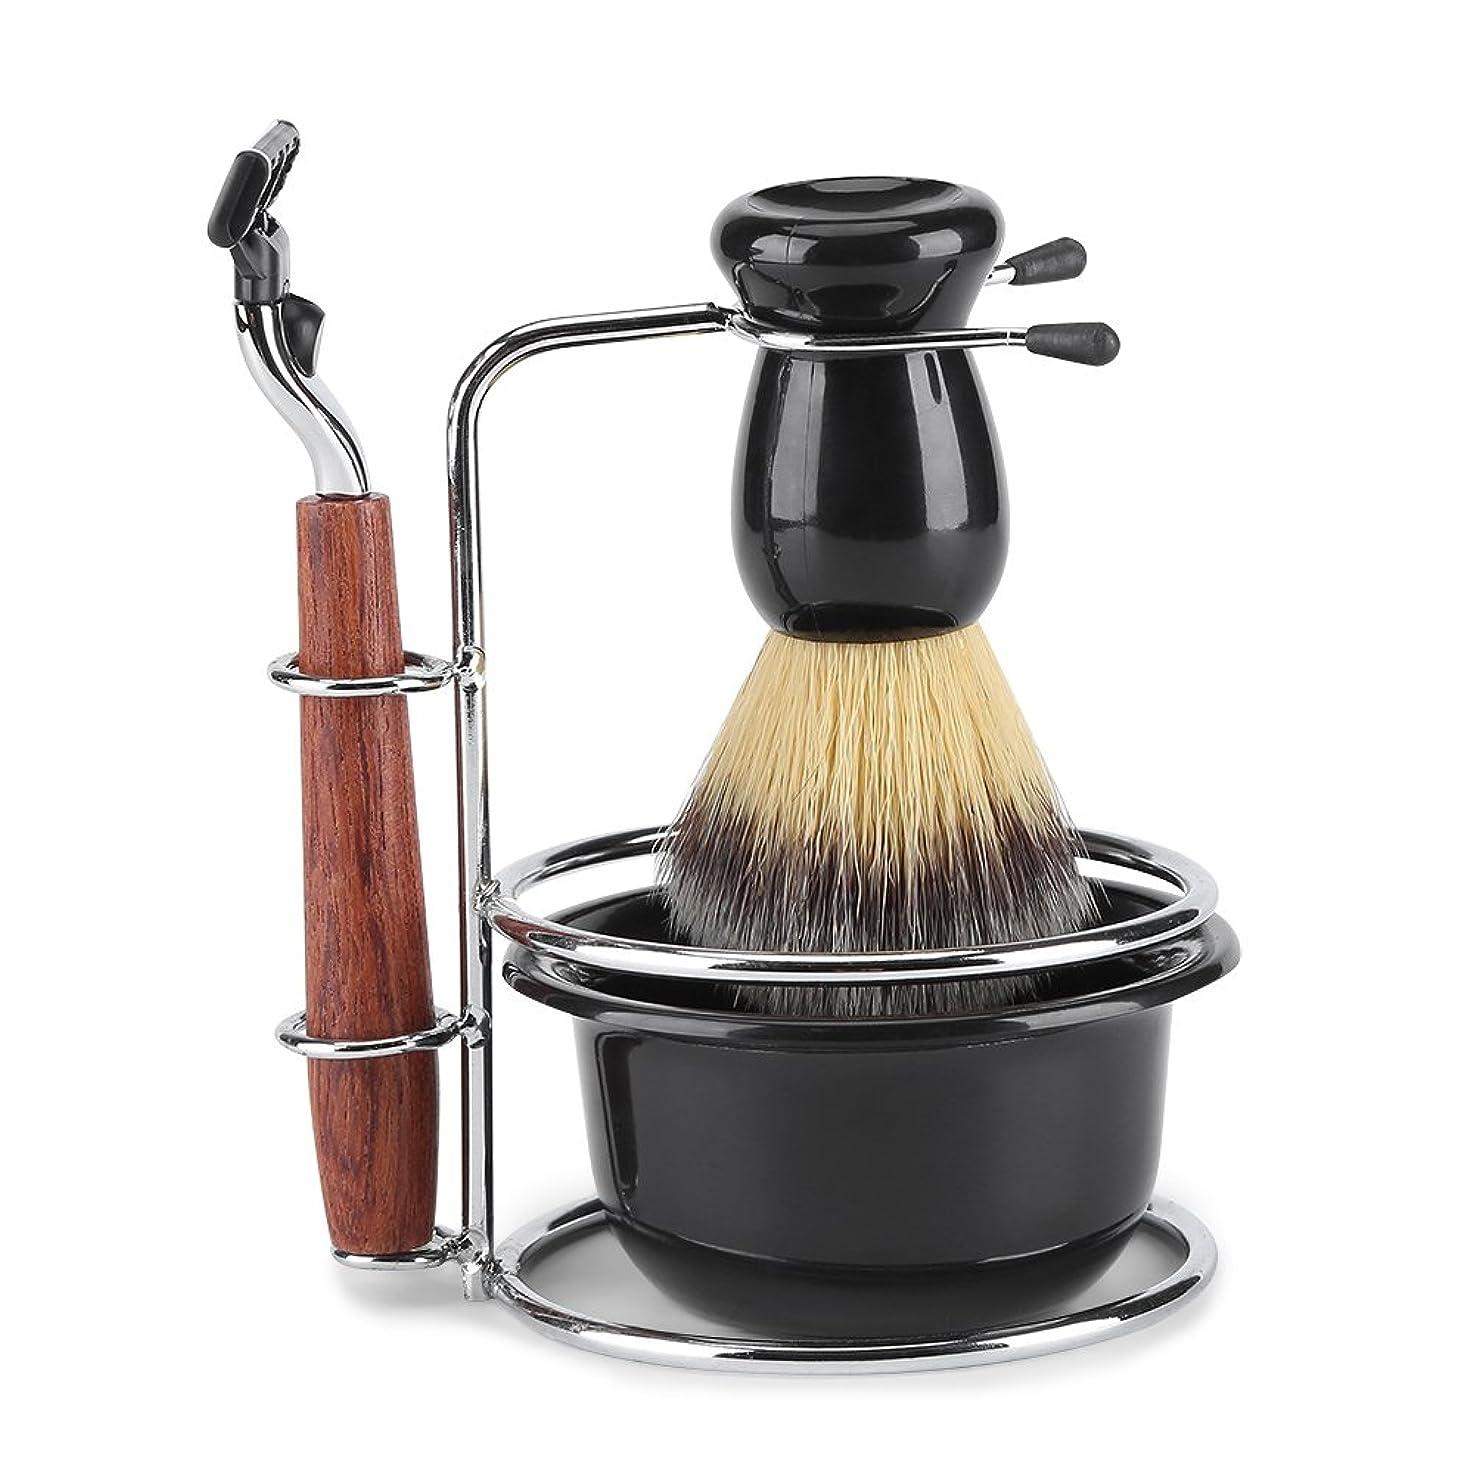 汚染するインスタンス推定Acogedor シェービングセット 高級感満々 おしゃれ 魅力で綺麗 実用で便利 メンズ用髭剃り  ヒゲ剃り (剃刀+ステンレススチールホルダー+ブラシ+ボウル)